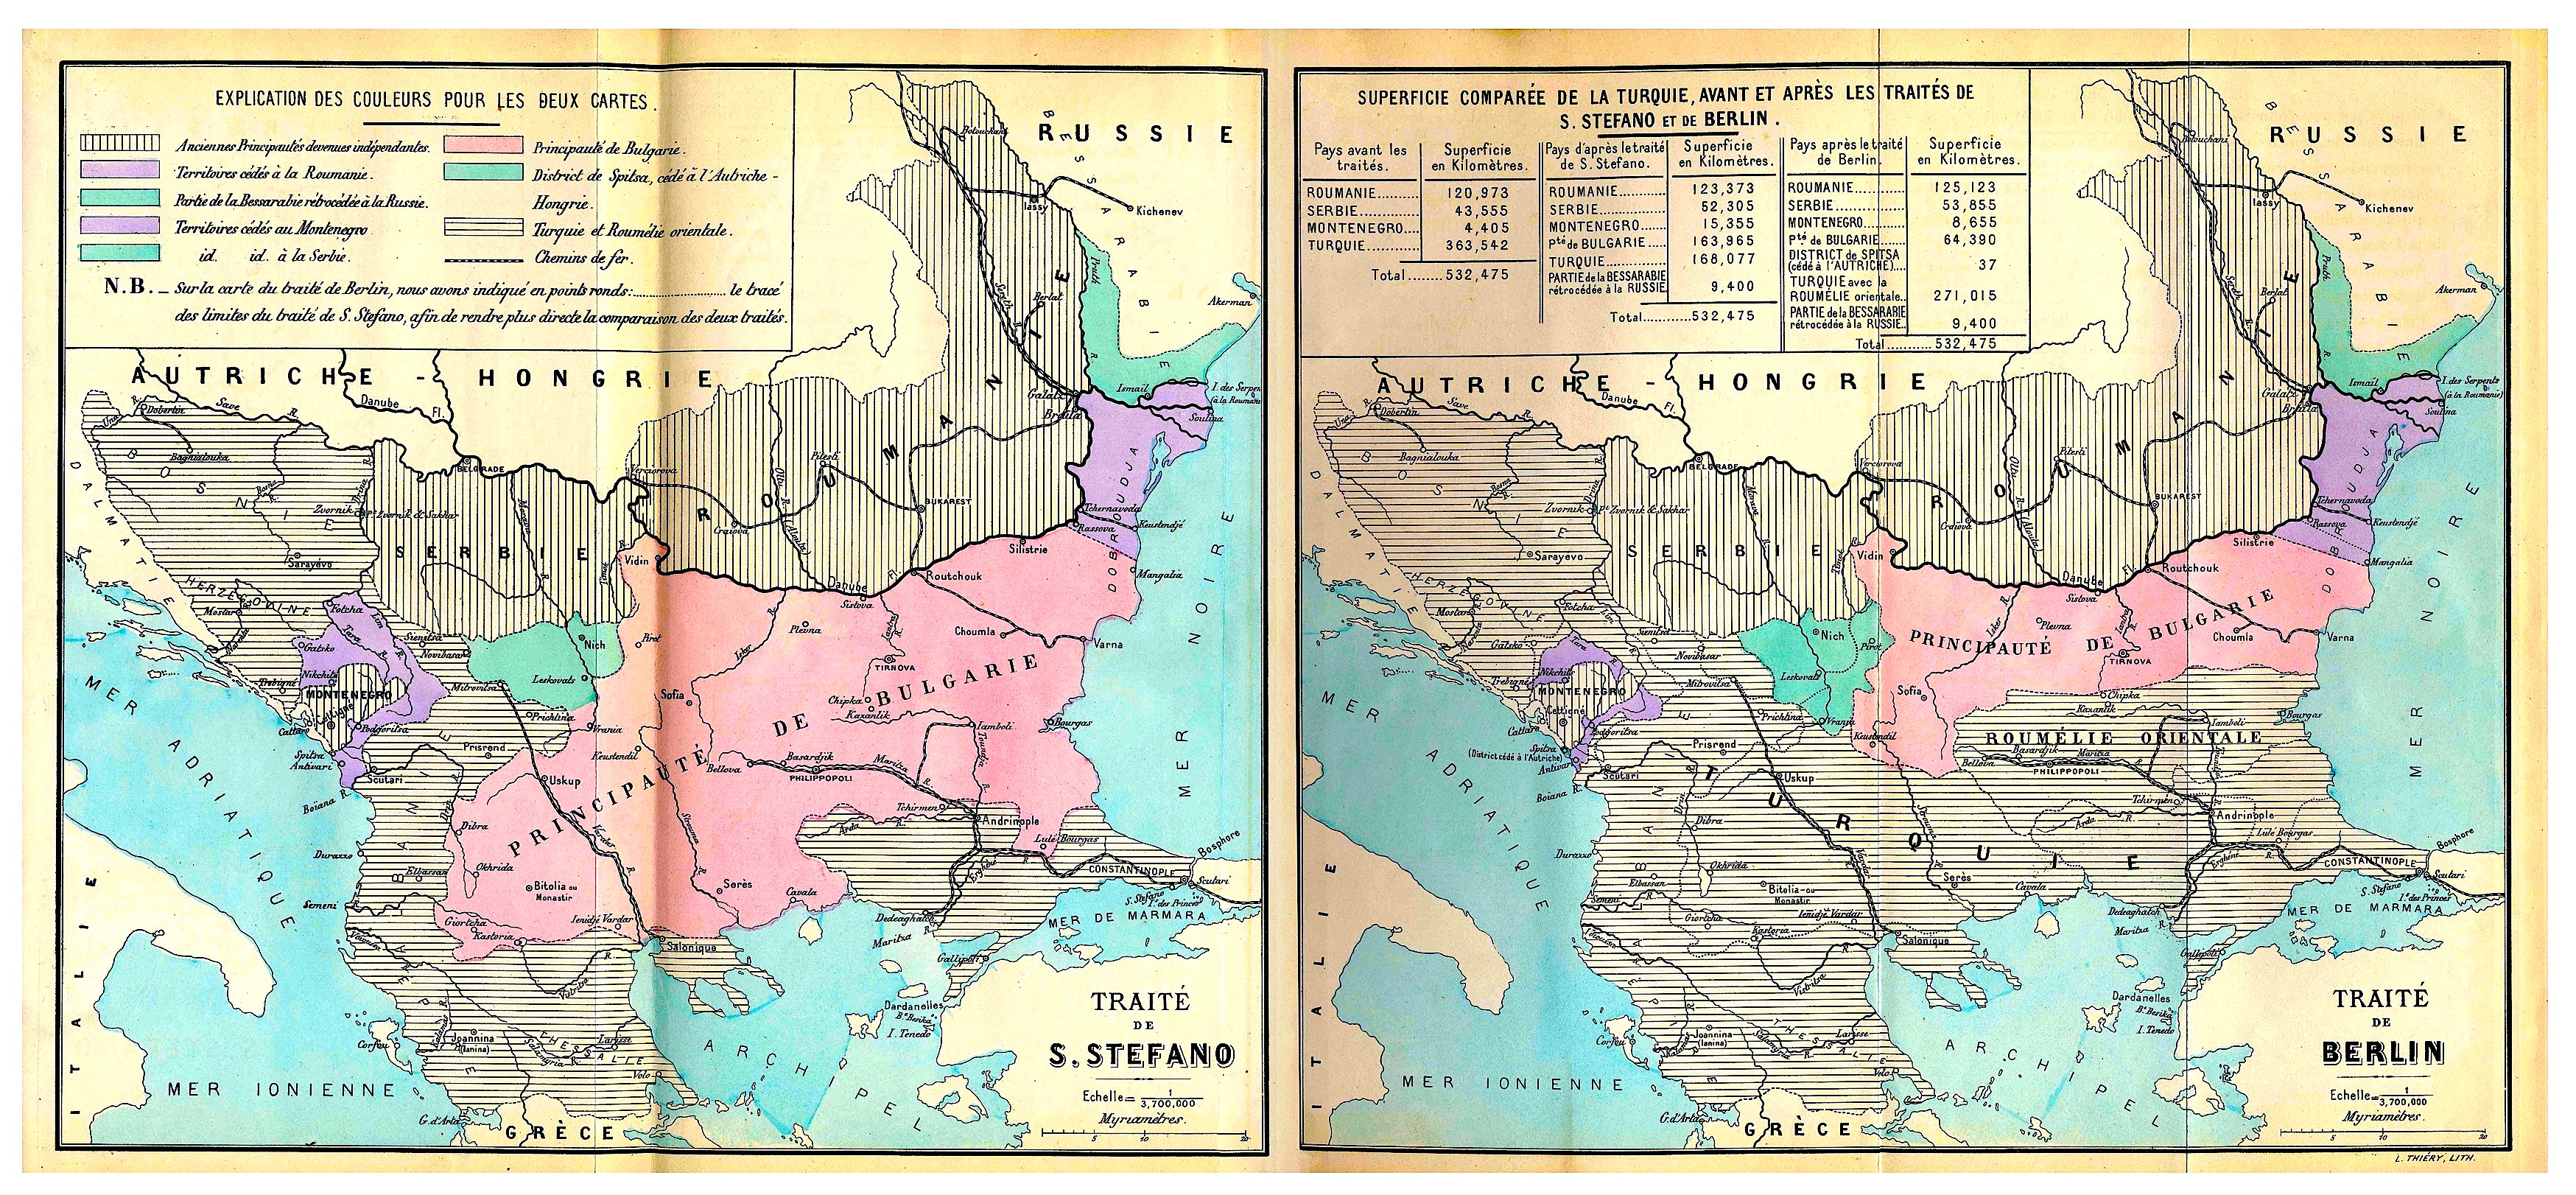 Hartat e San stefan Kongresit te Berlinit - 1878